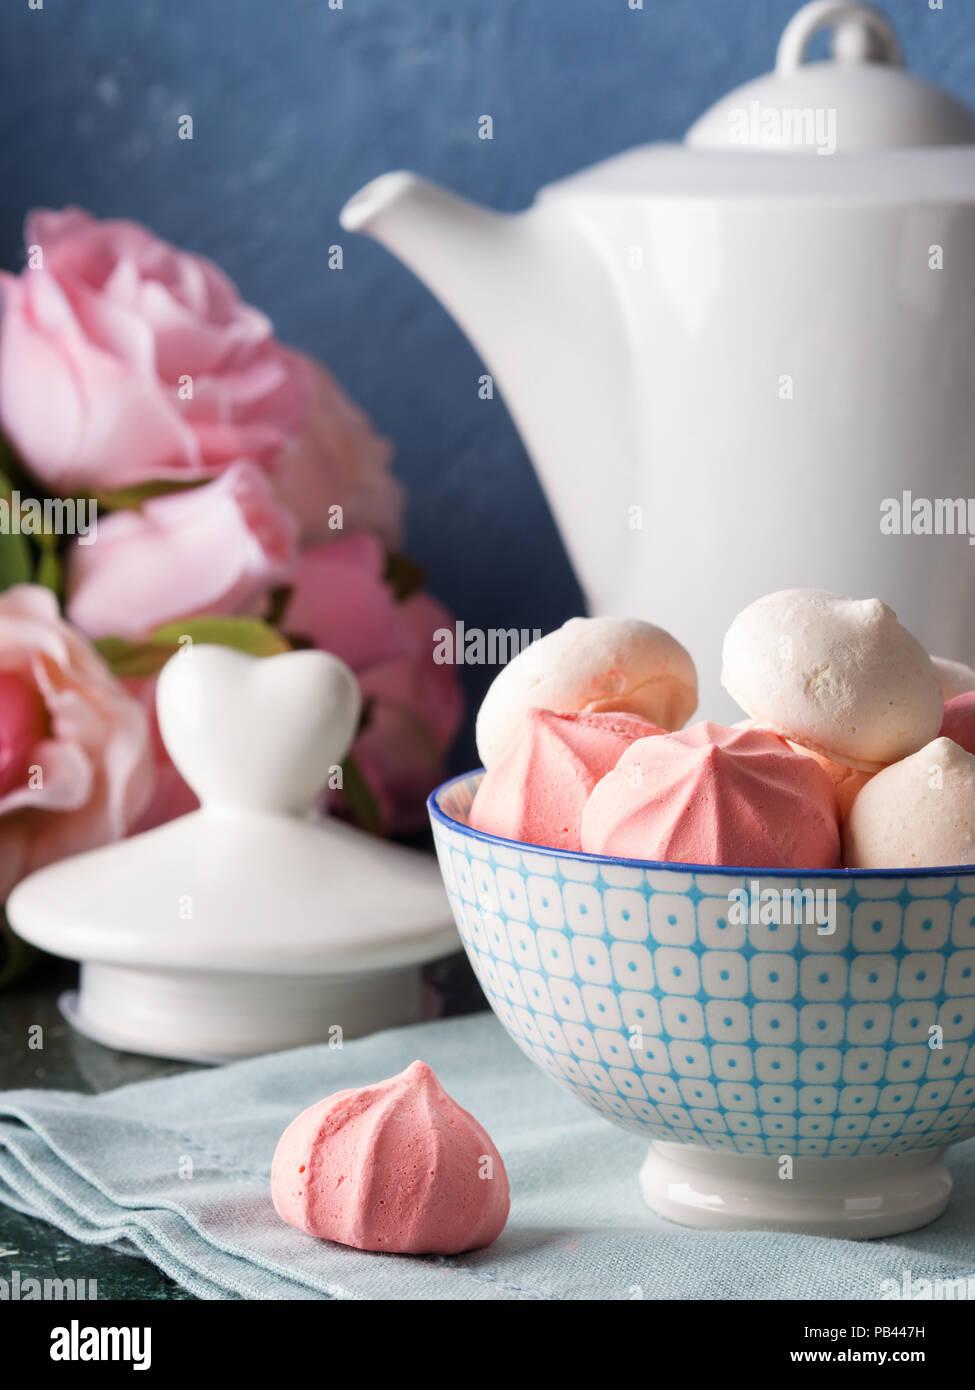 Rosa E Bianco Meringhe In Ceramica Ciotola Cina Su Sfondo Blu Con